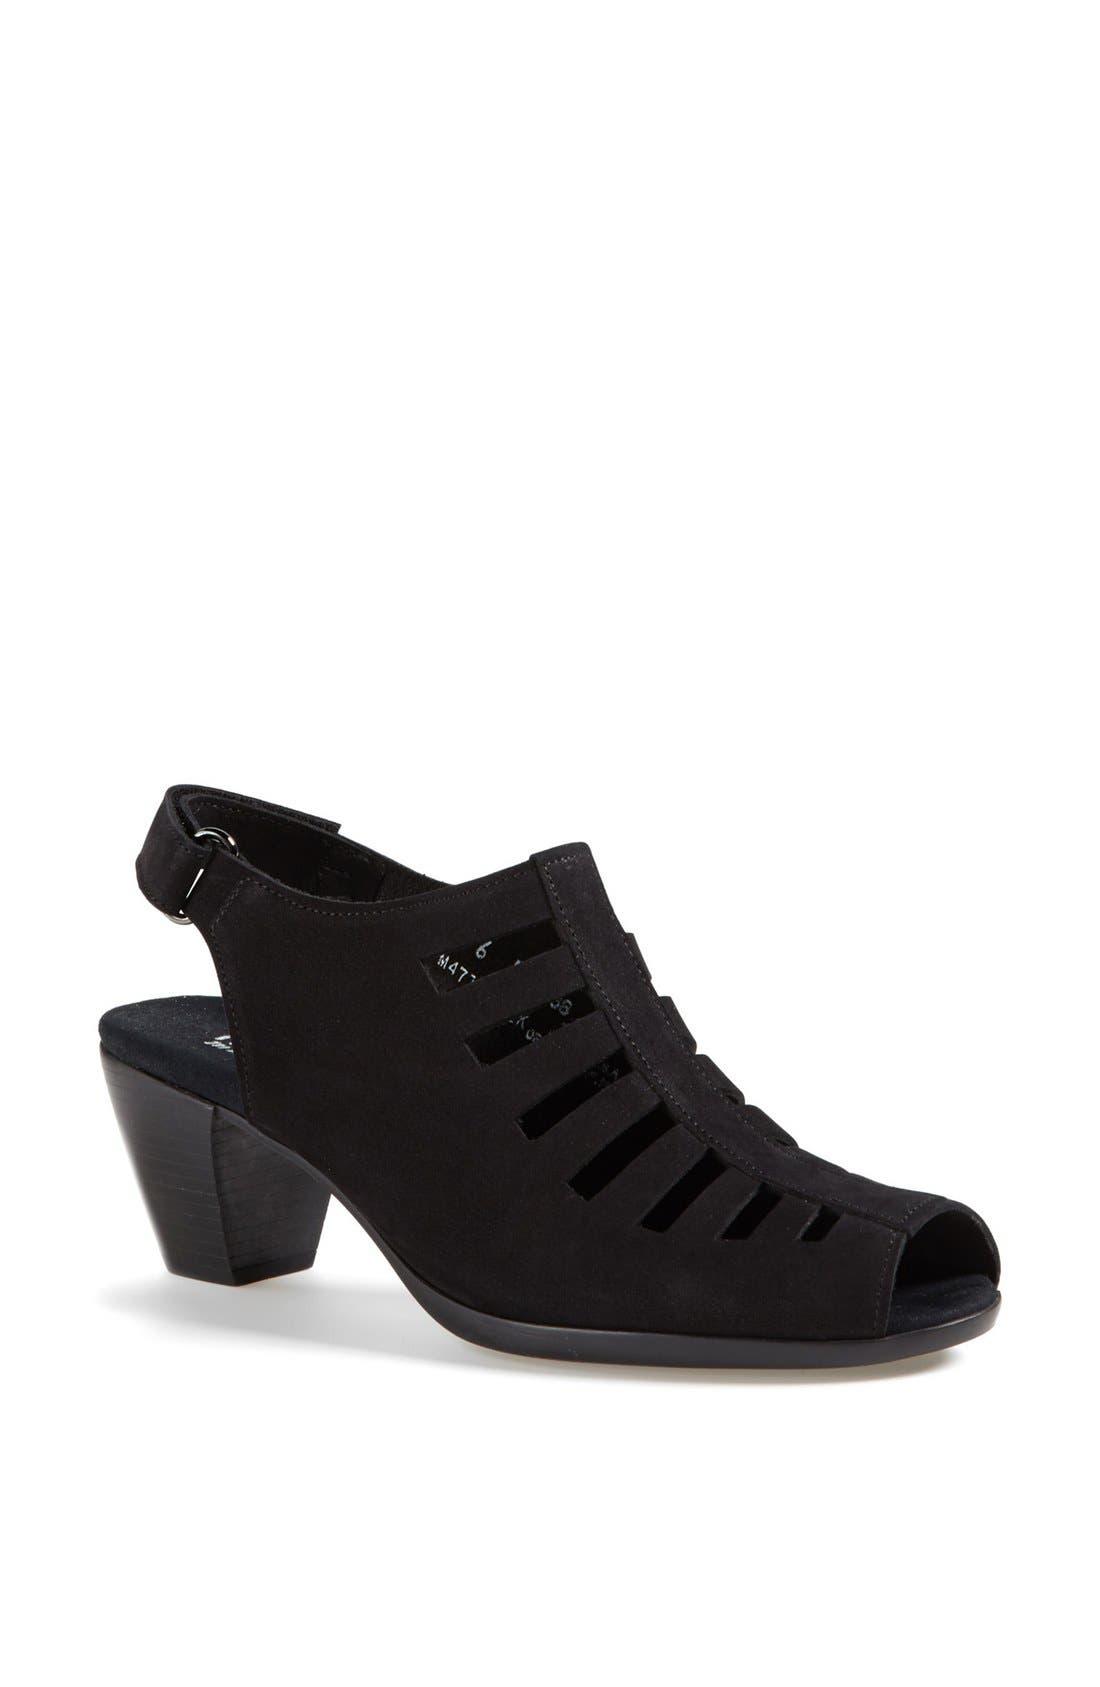 MUNRO,                             'Abby' Slingback Sandal,                             Main thumbnail 1, color,                             BLACK NUBUCK LEATHER